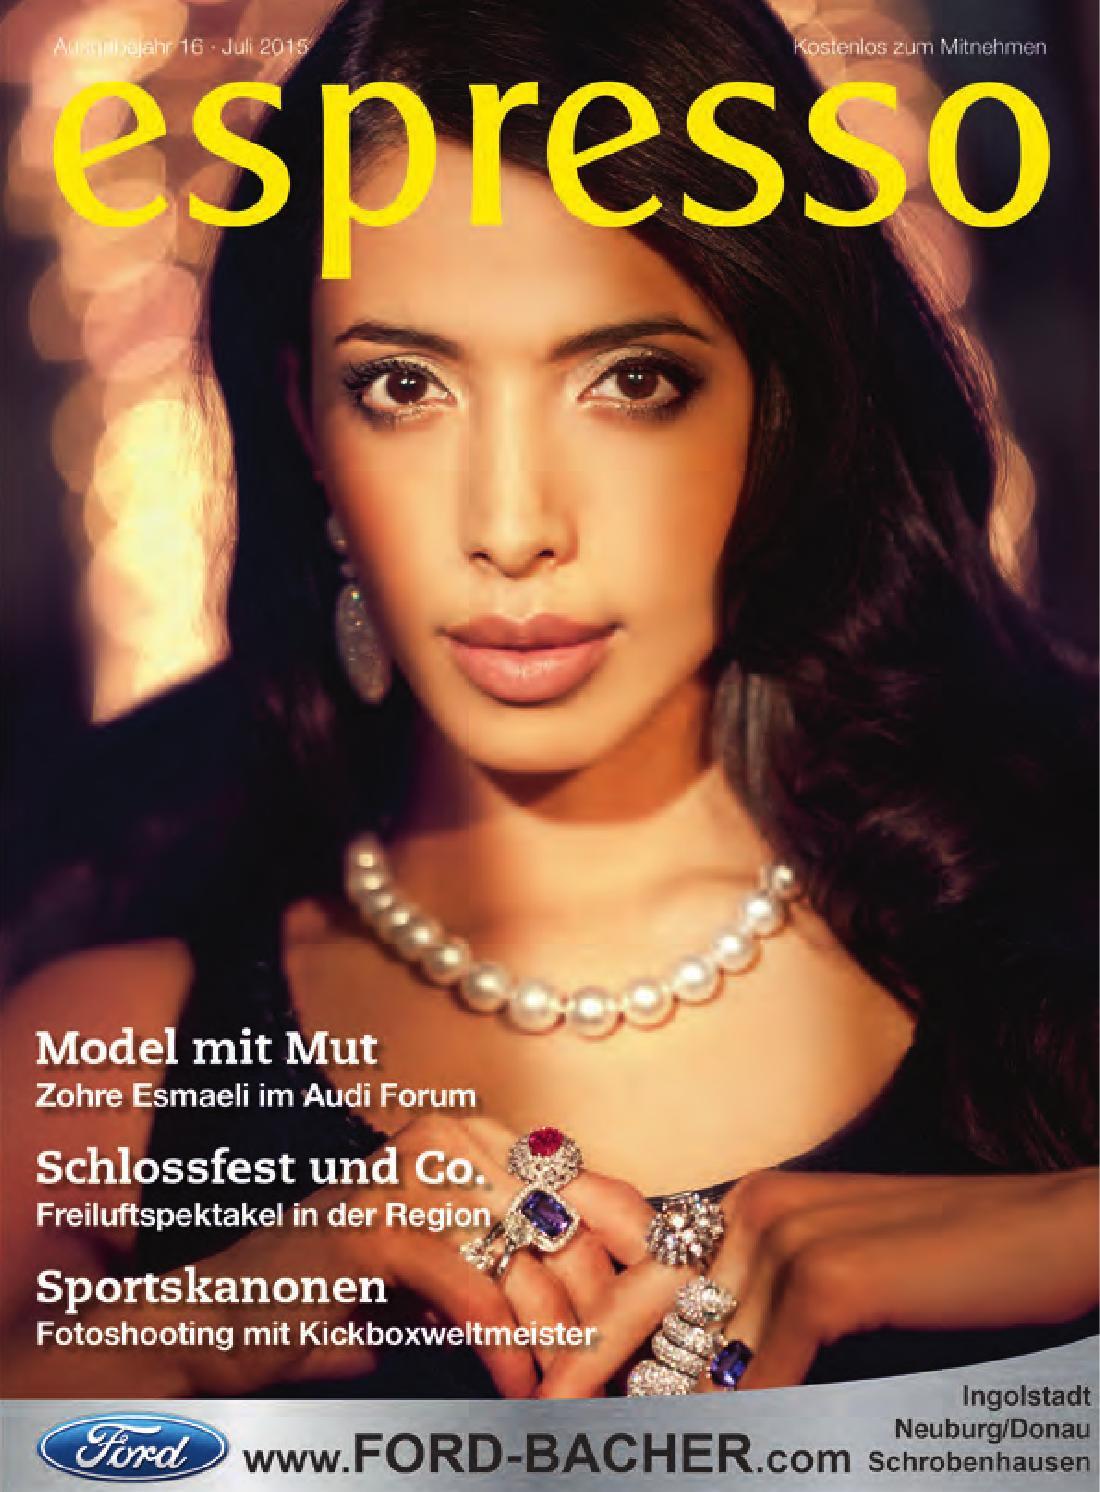 20 Schön Abendkleider Yvonne Bayreuth SpezialgebietAbend Elegant Abendkleider Yvonne Bayreuth Ärmel